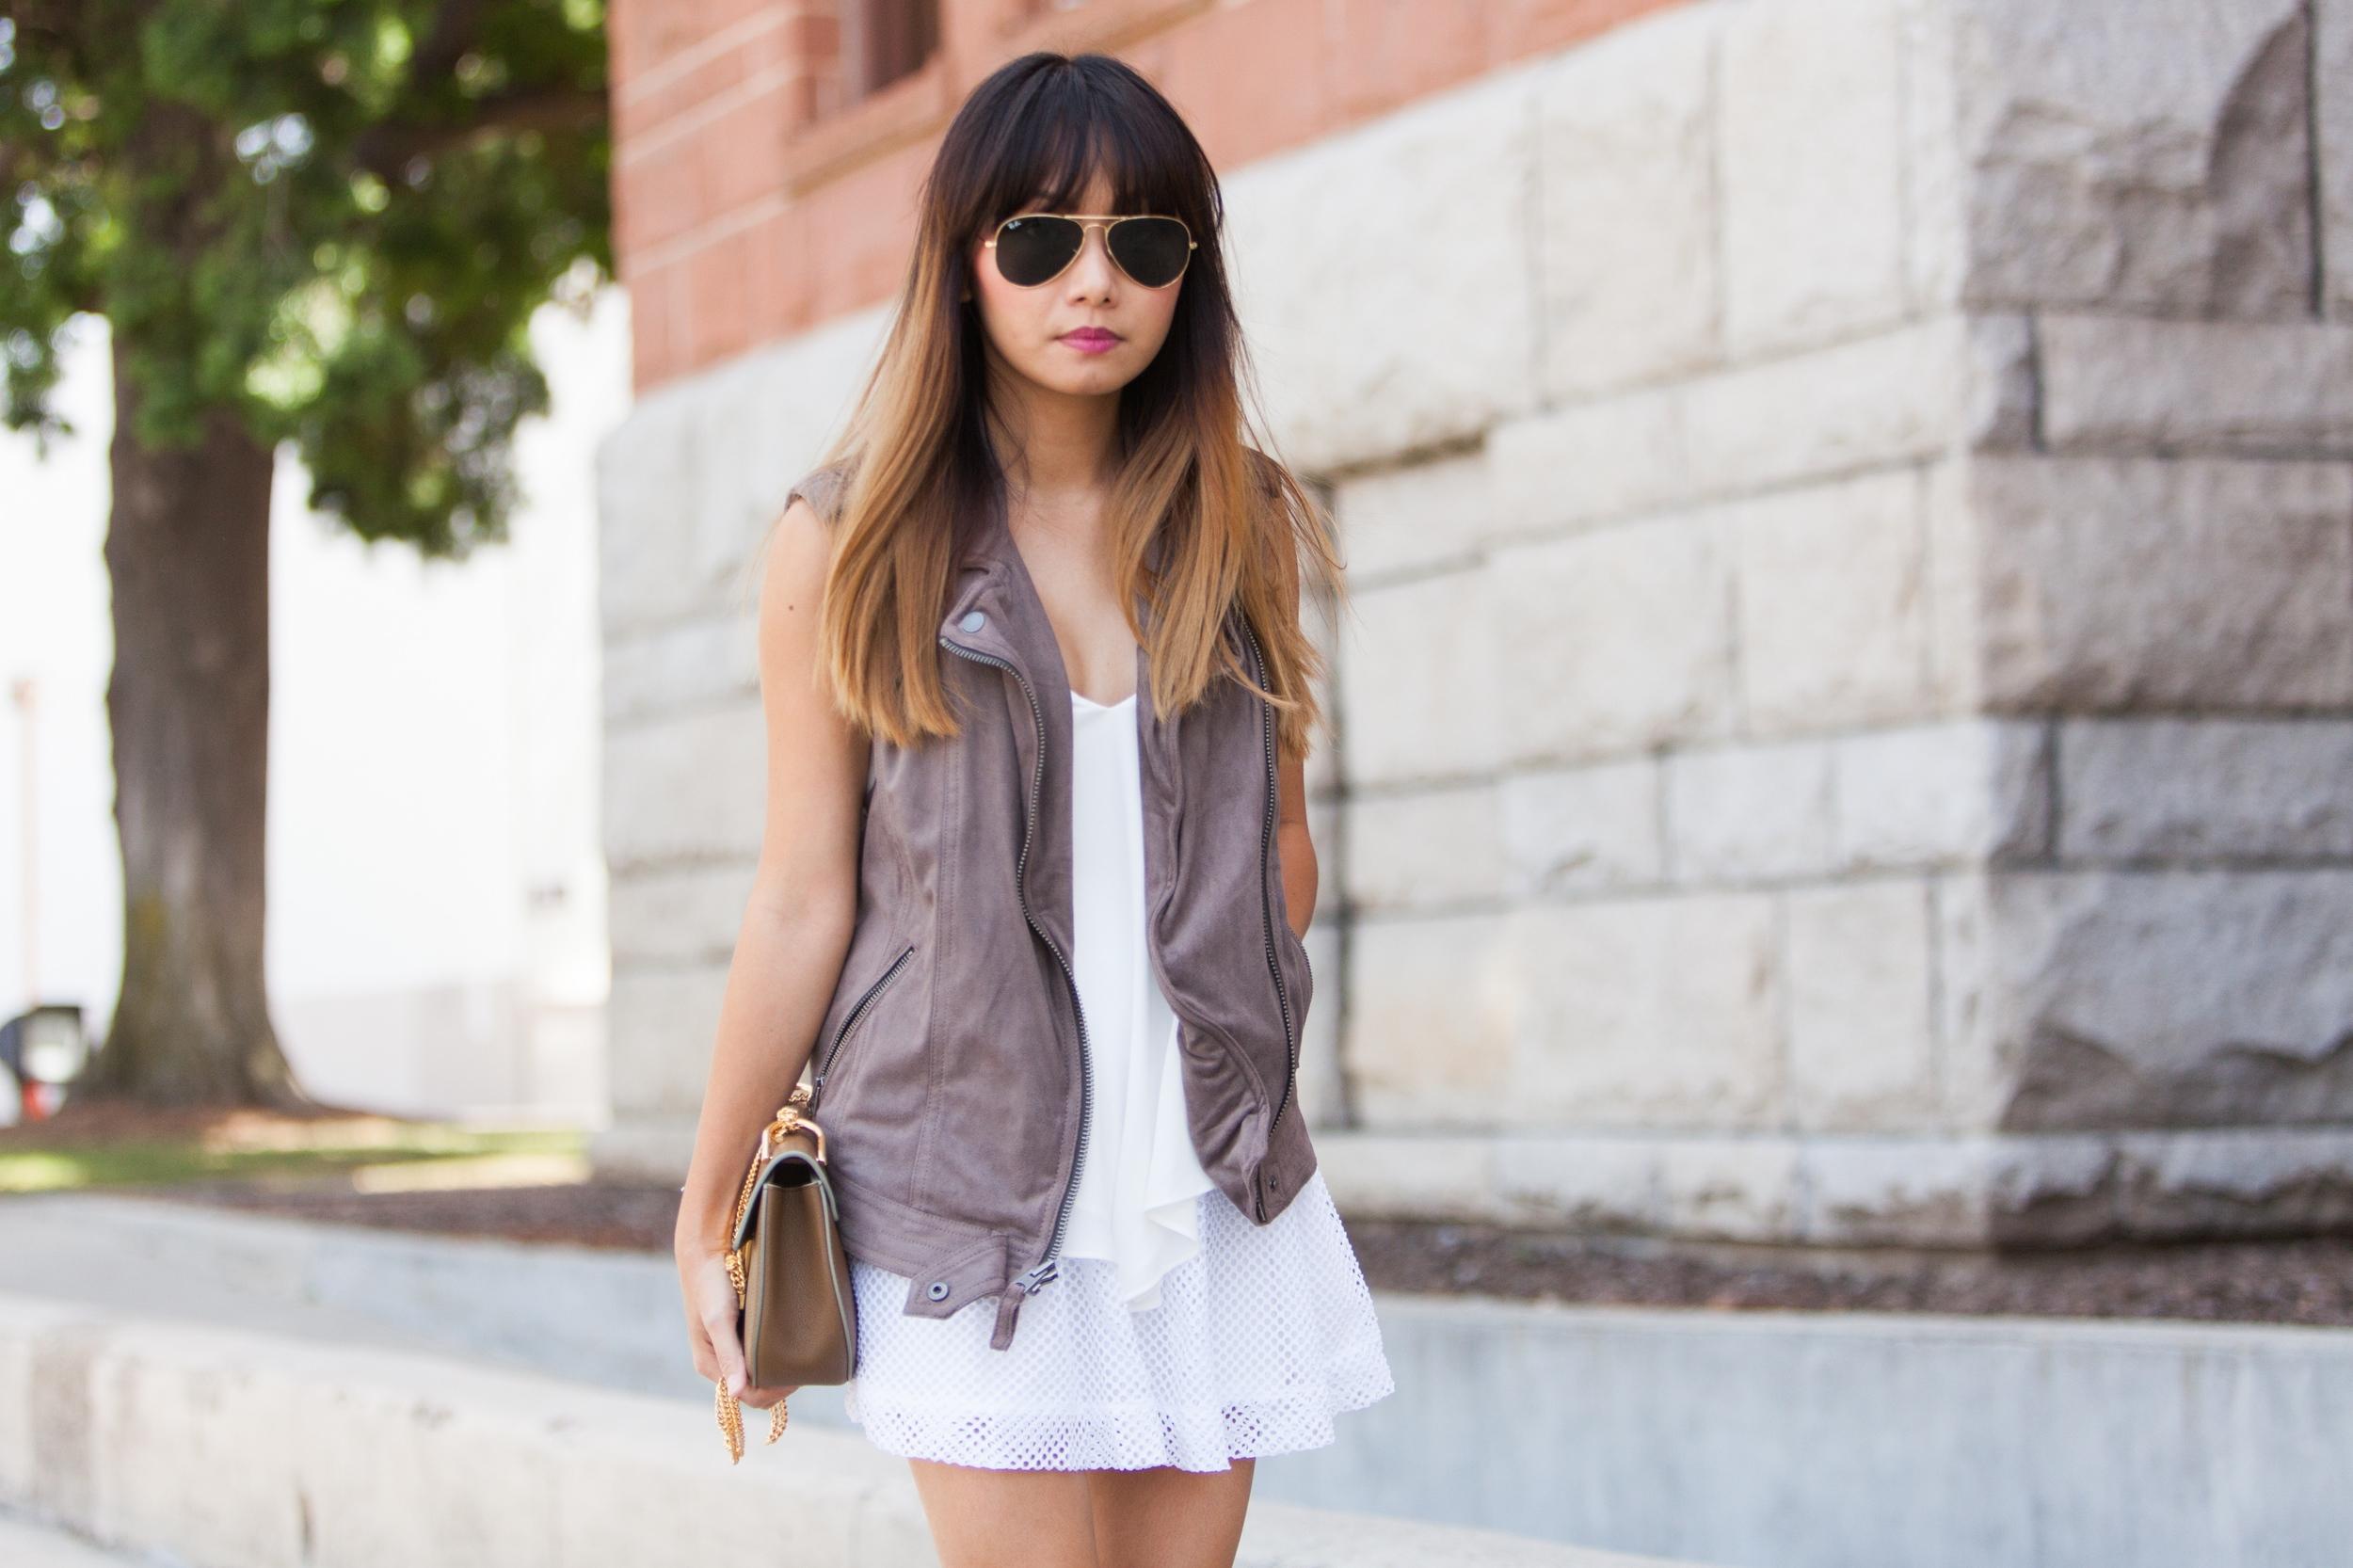 White Crochet Skirt (7 of 12)